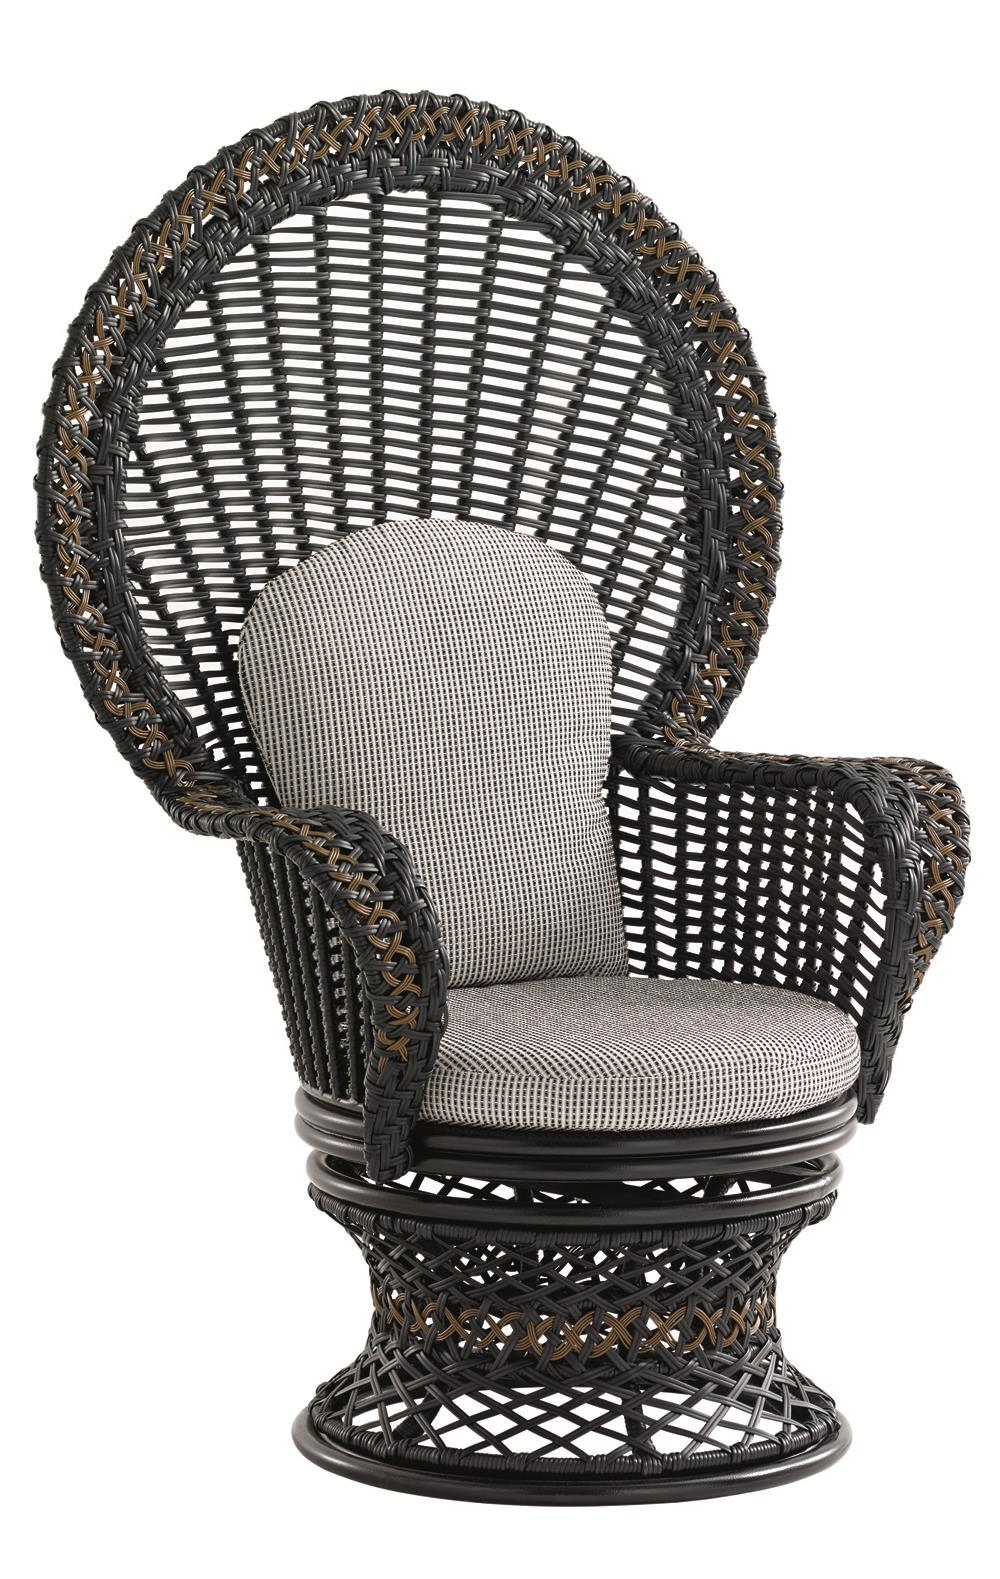 Swivel Fan Chair